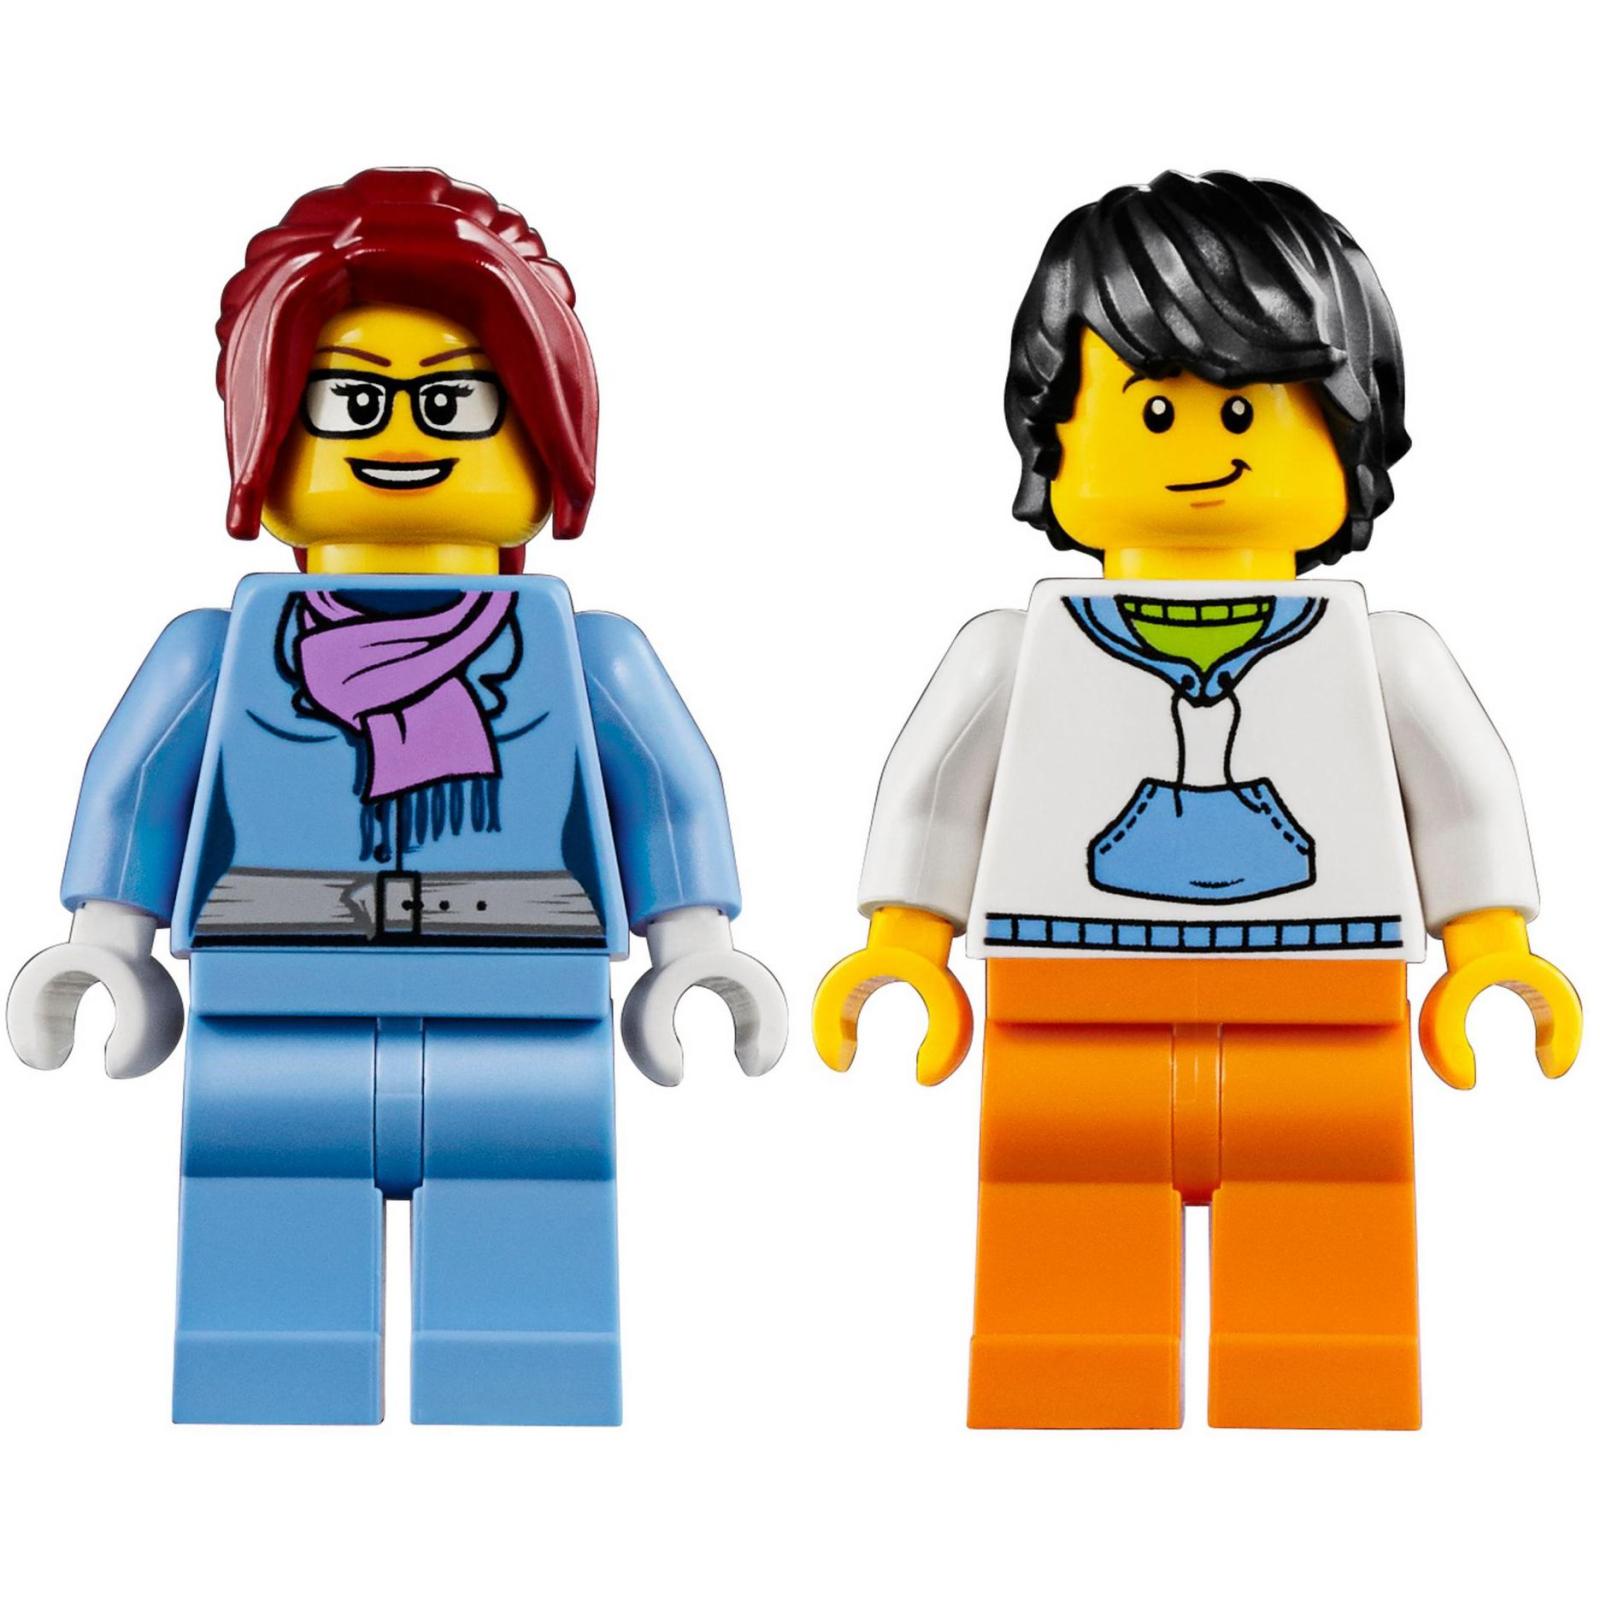 Конструктор LEGO Creator Модульный набор Зимние каникулы (31080) изображение 12